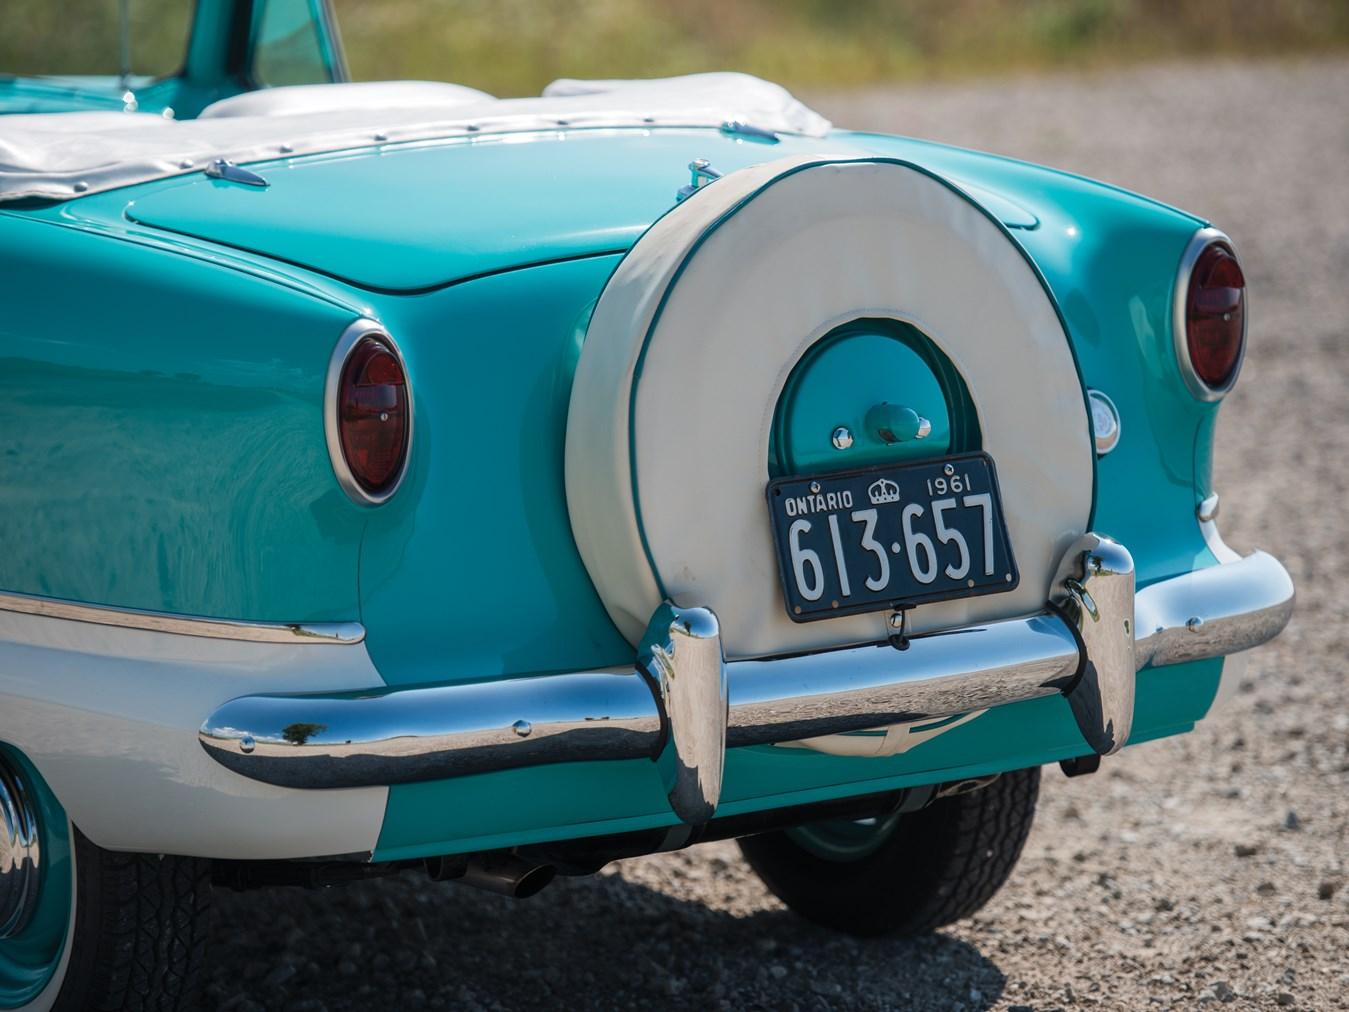 1961 AMC Metropolitan 1500 Convertible rear